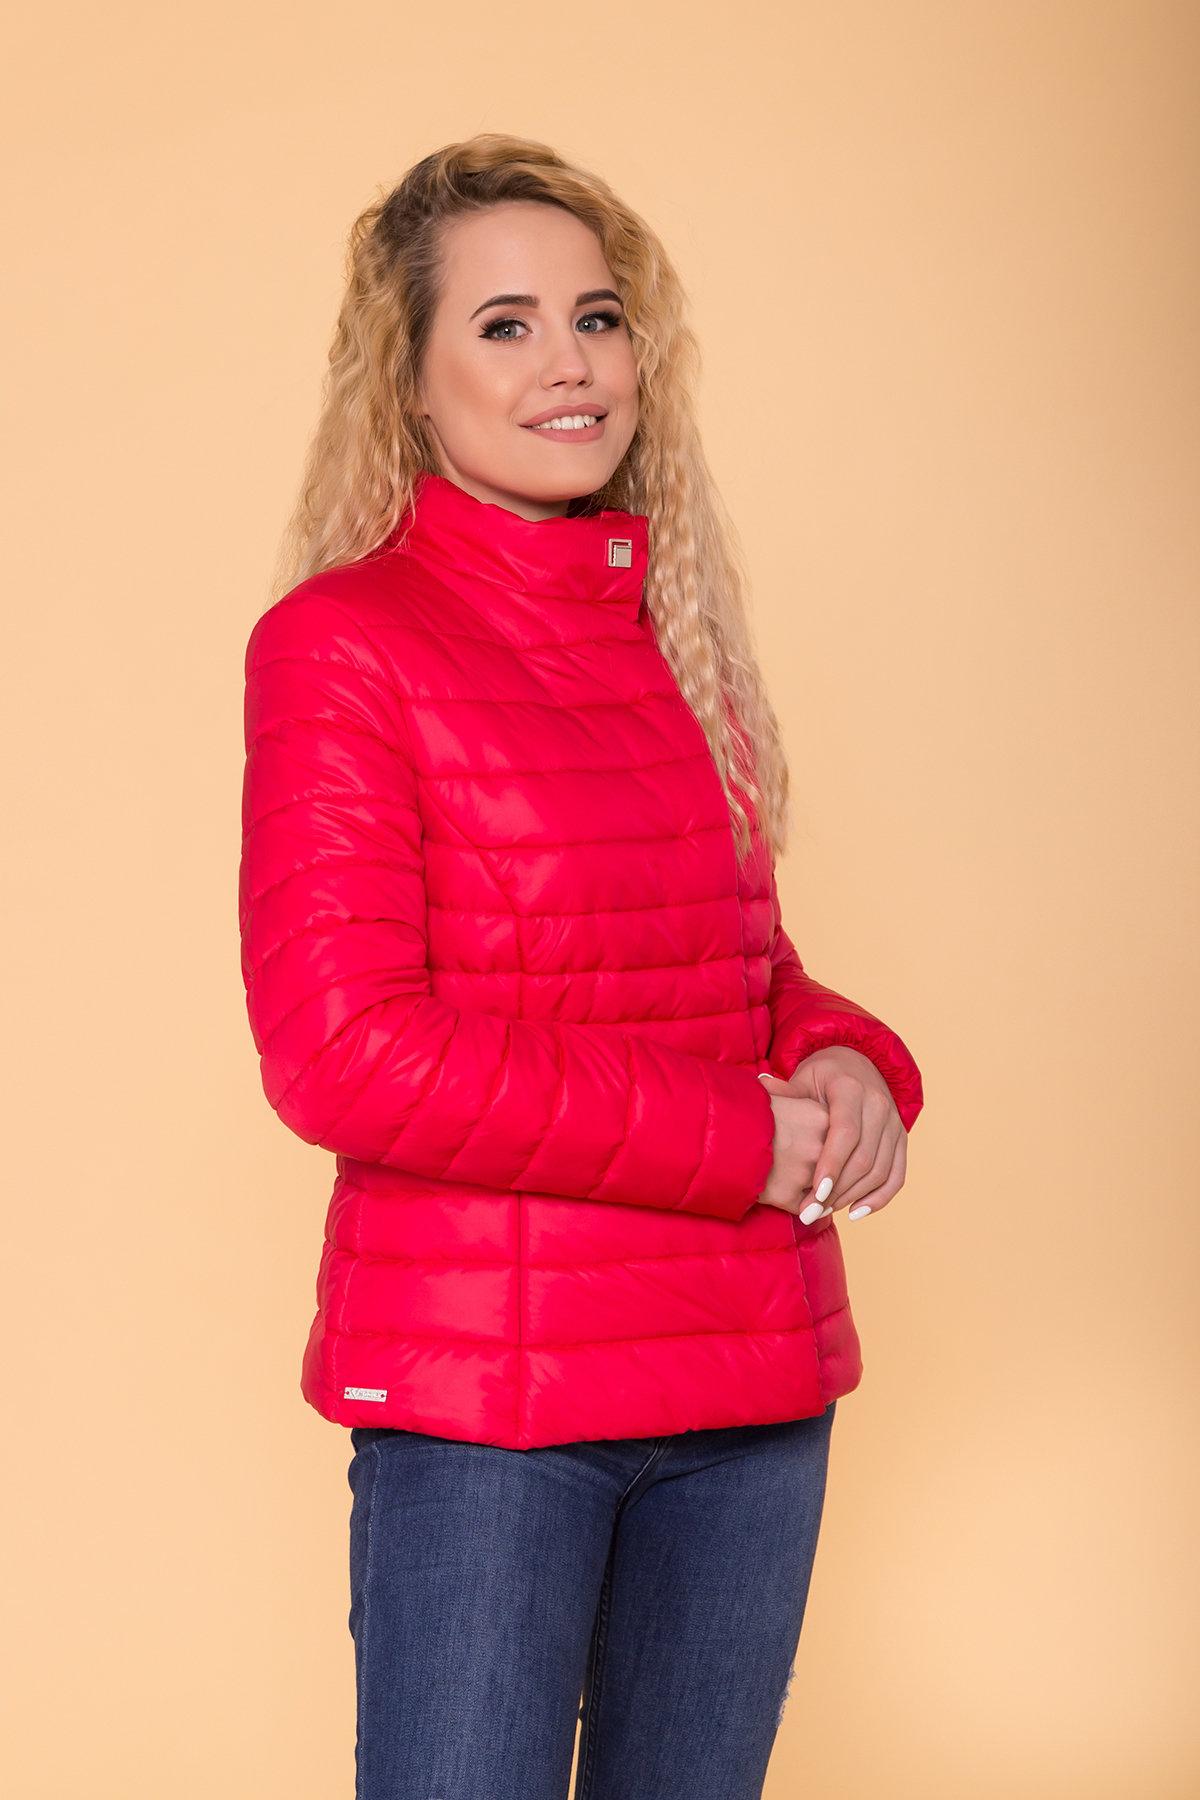 Куртка приталенная Лоррейн Лаке 6778 АРТ. 41904 Цвет: Красный - фото 4, интернет магазин tm-modus.ru